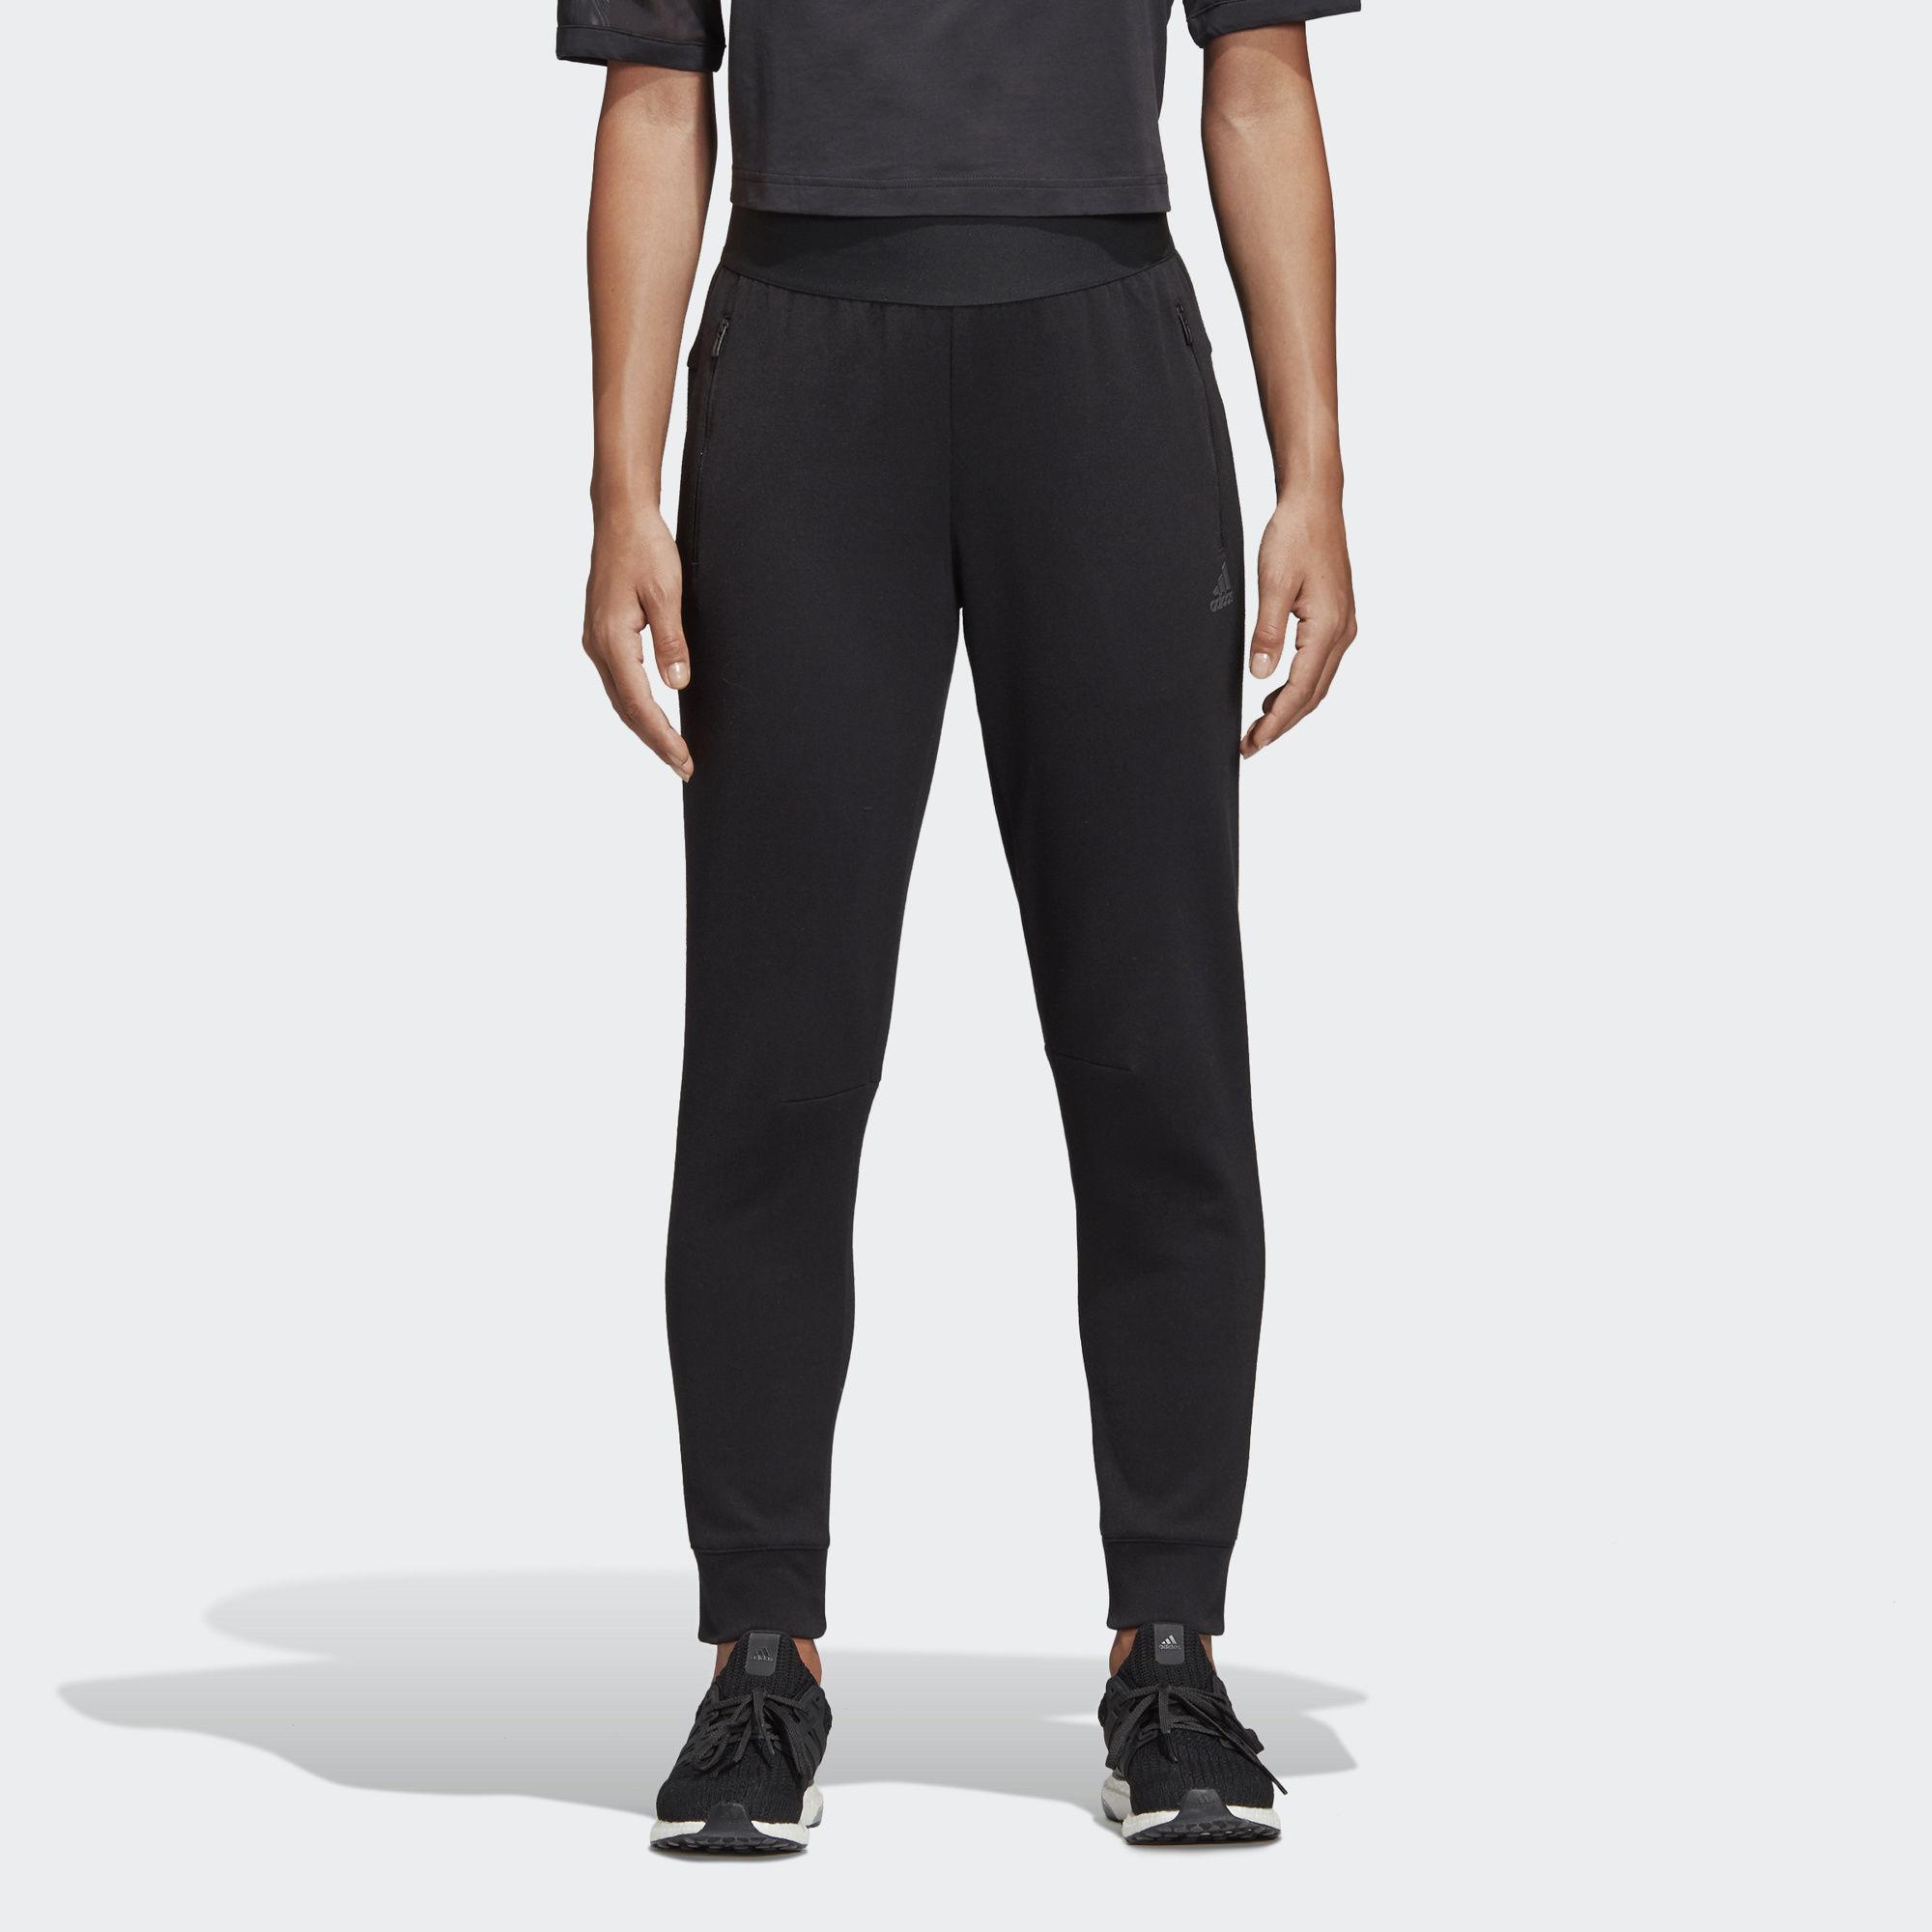 f23c4ec125cab adidas Id Stadium Pants in Black - Lyst